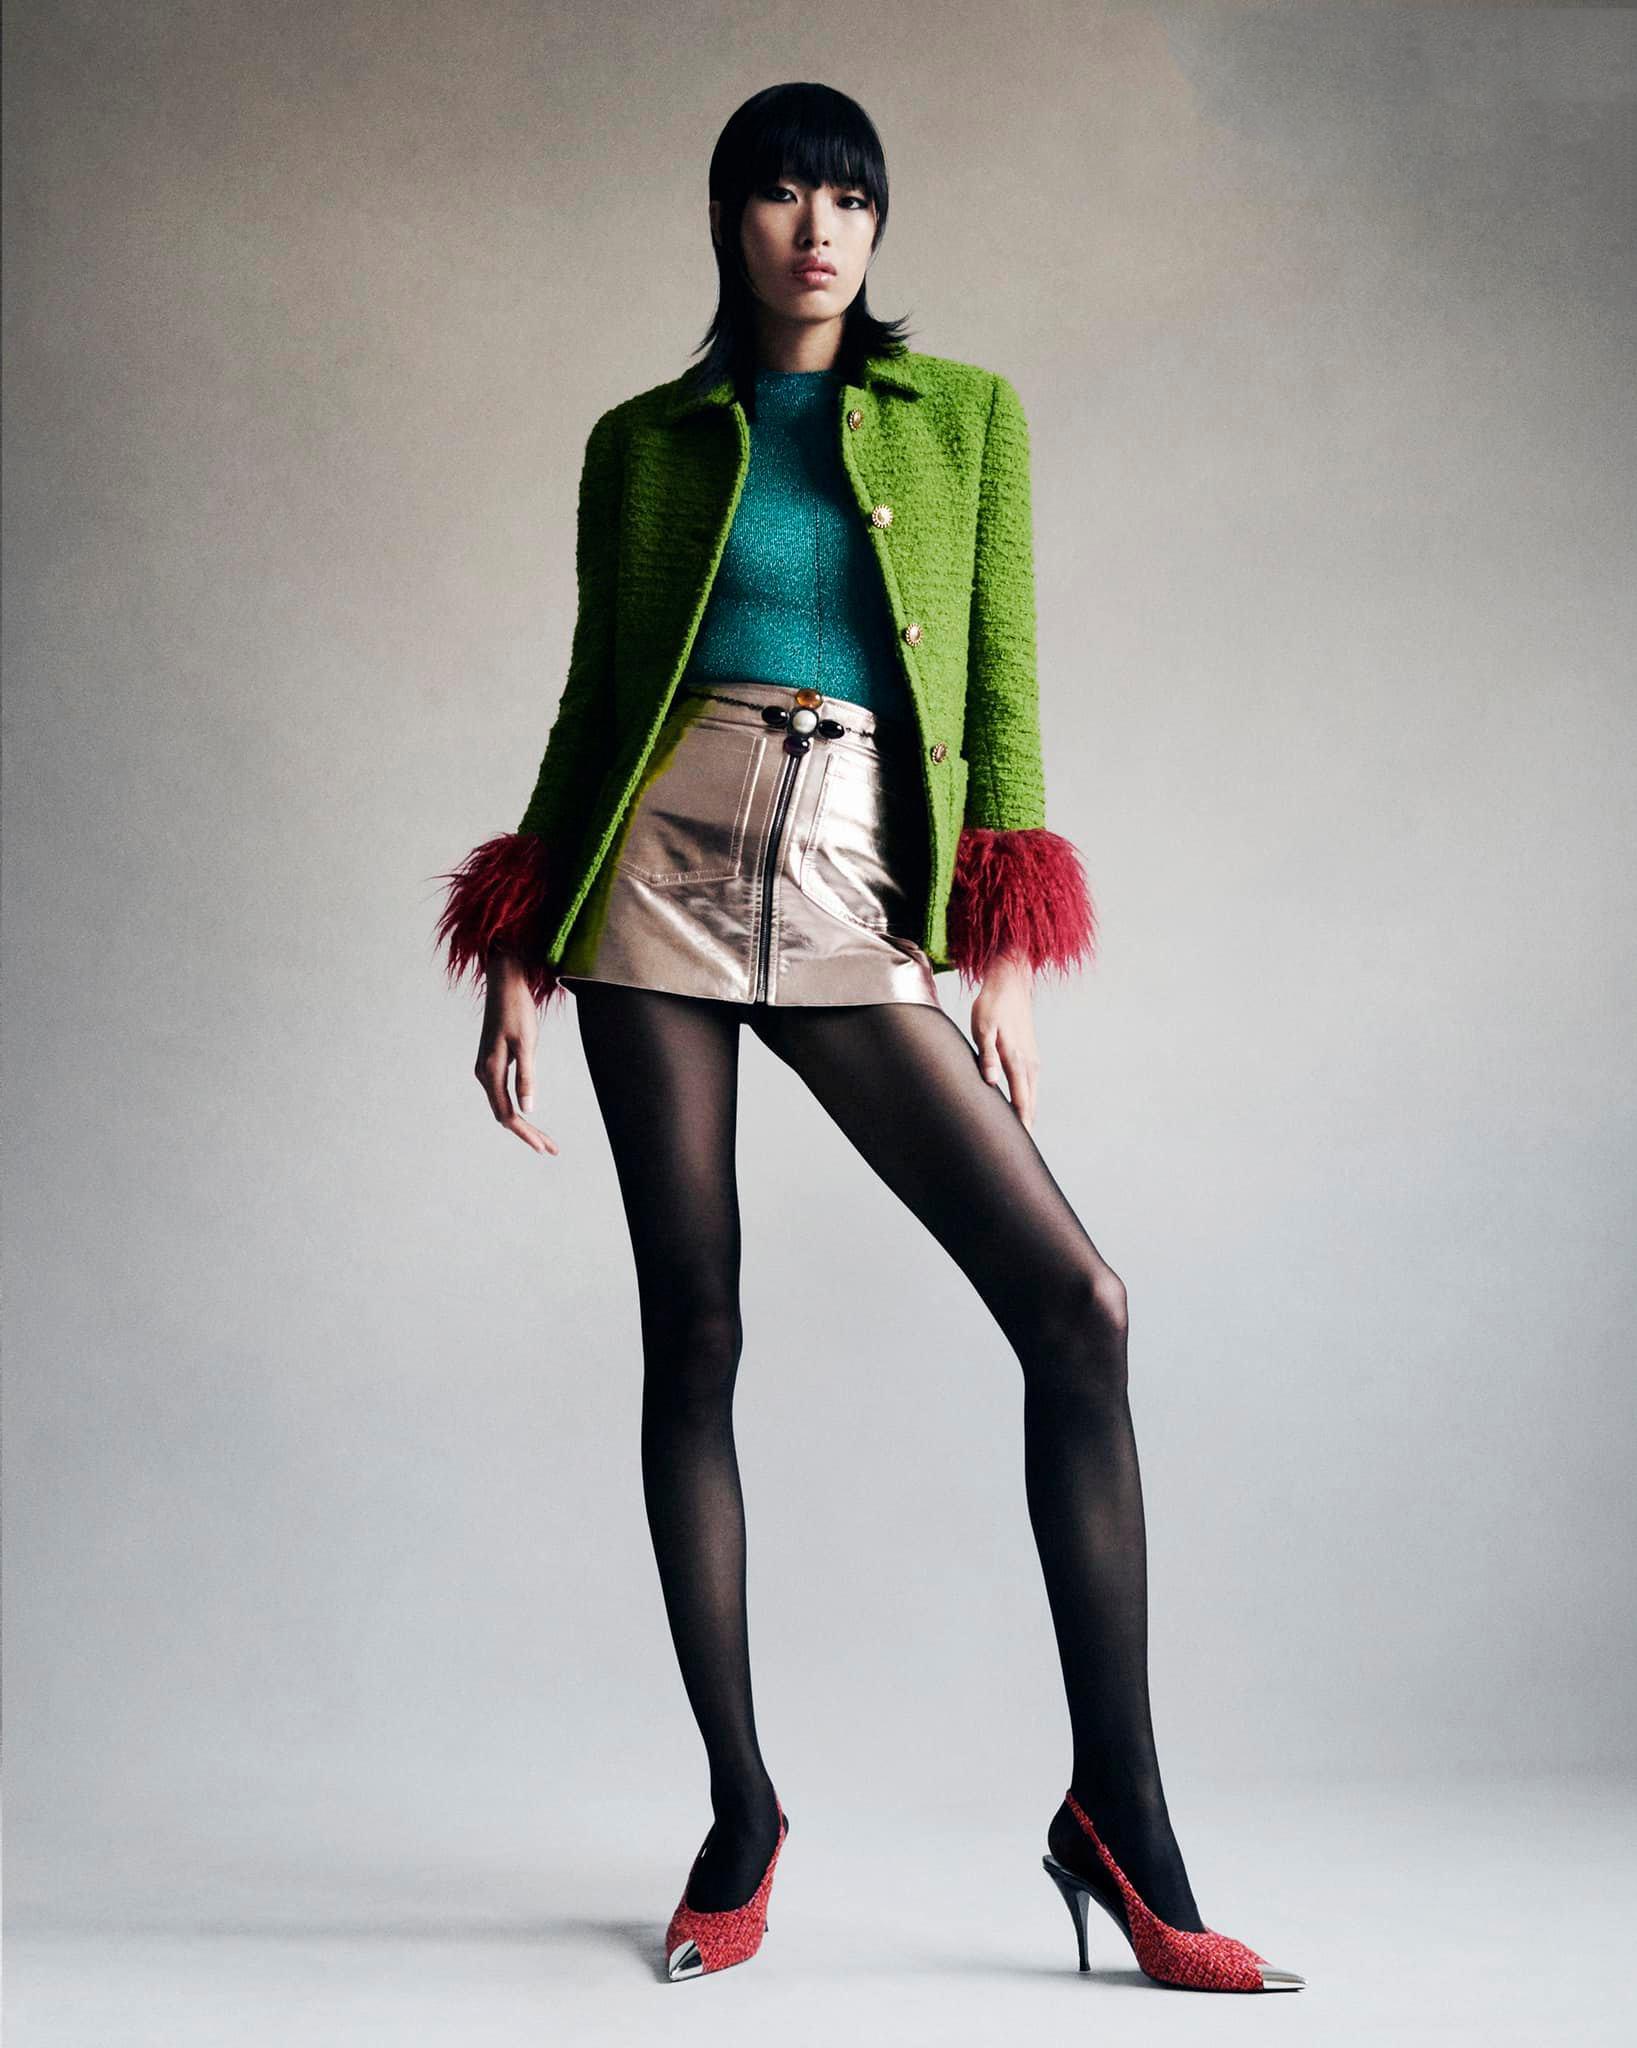 HOT: Phương Oanh next top lên hẳn bìa Vogue, câu cà khịa VNTM năm xưa bỗng được nhắc lại - Ảnh 4.